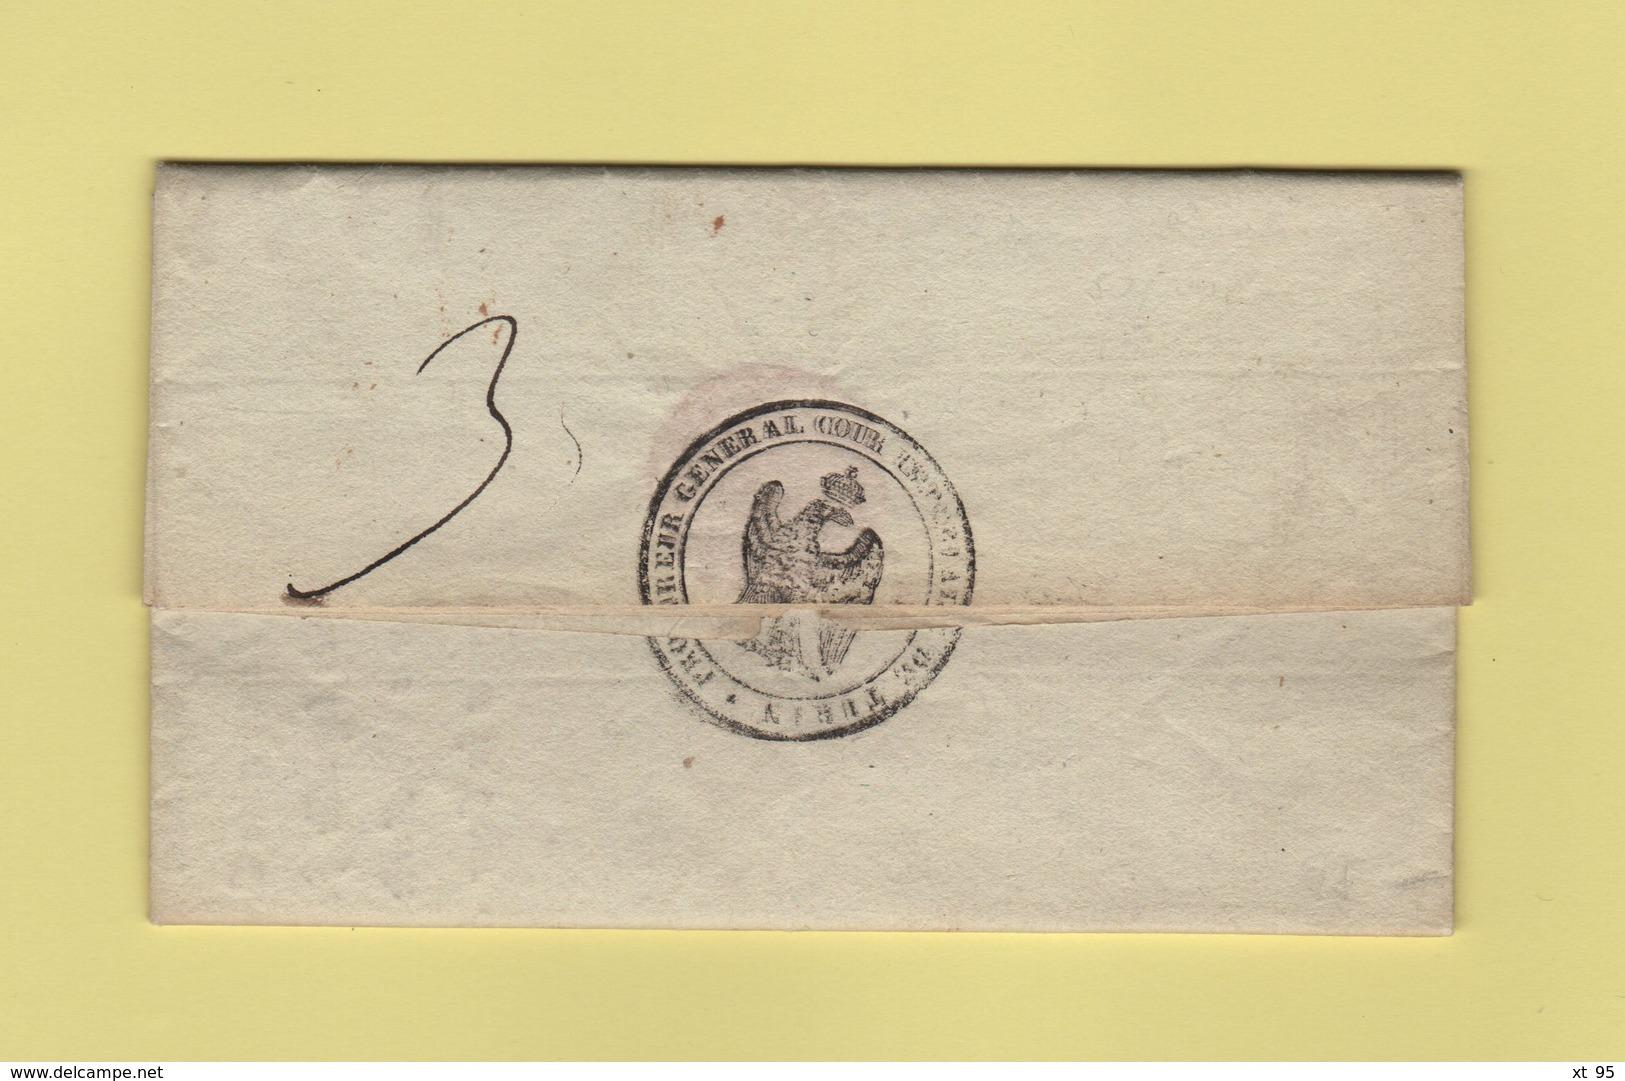 Turin - 104 - 1812 - Le Procureur General De La Cour Imperiale De Turin - Franchise - Departement Conquis Du Pô - Italie